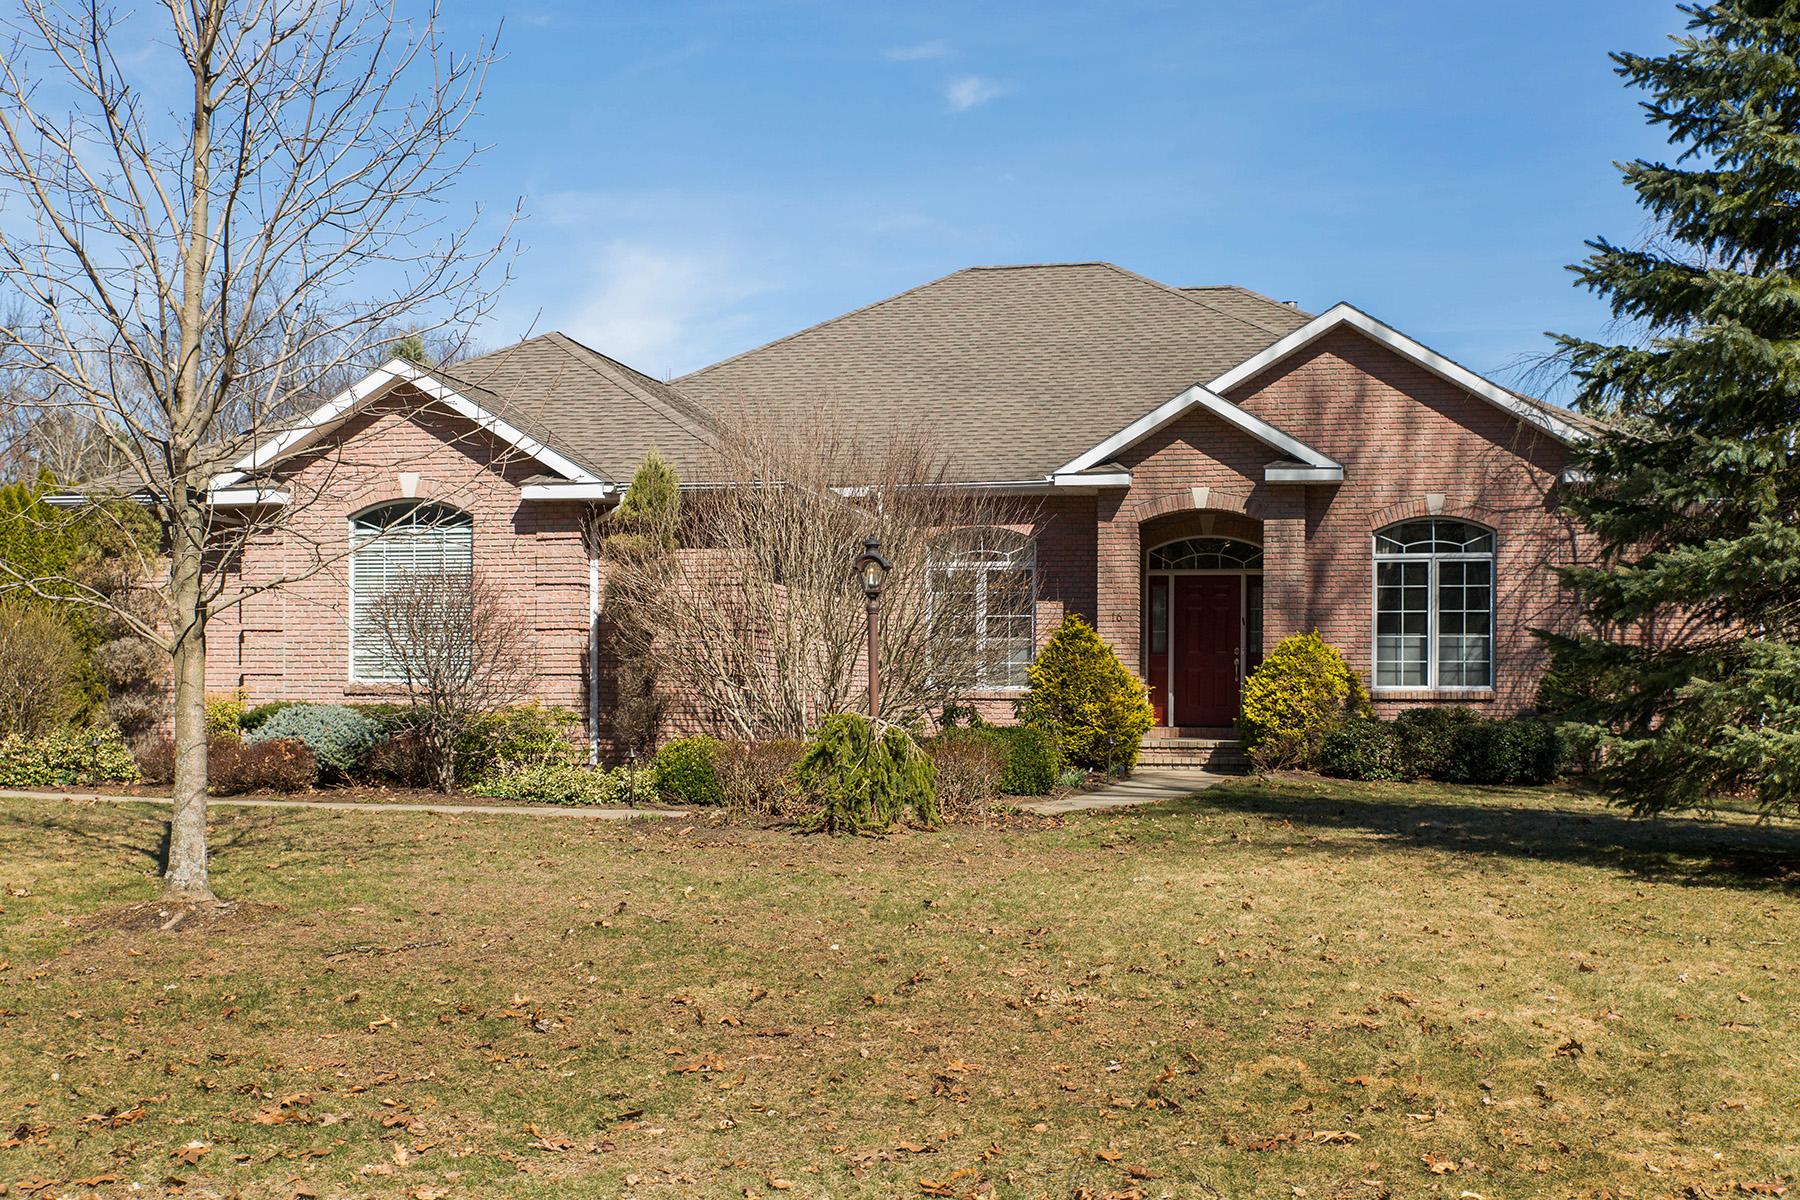 独户住宅 为 销售 在 Custom Ranch in Clifton Park 16 Siena Dr 克里夫顿, 纽约州 12065 美国